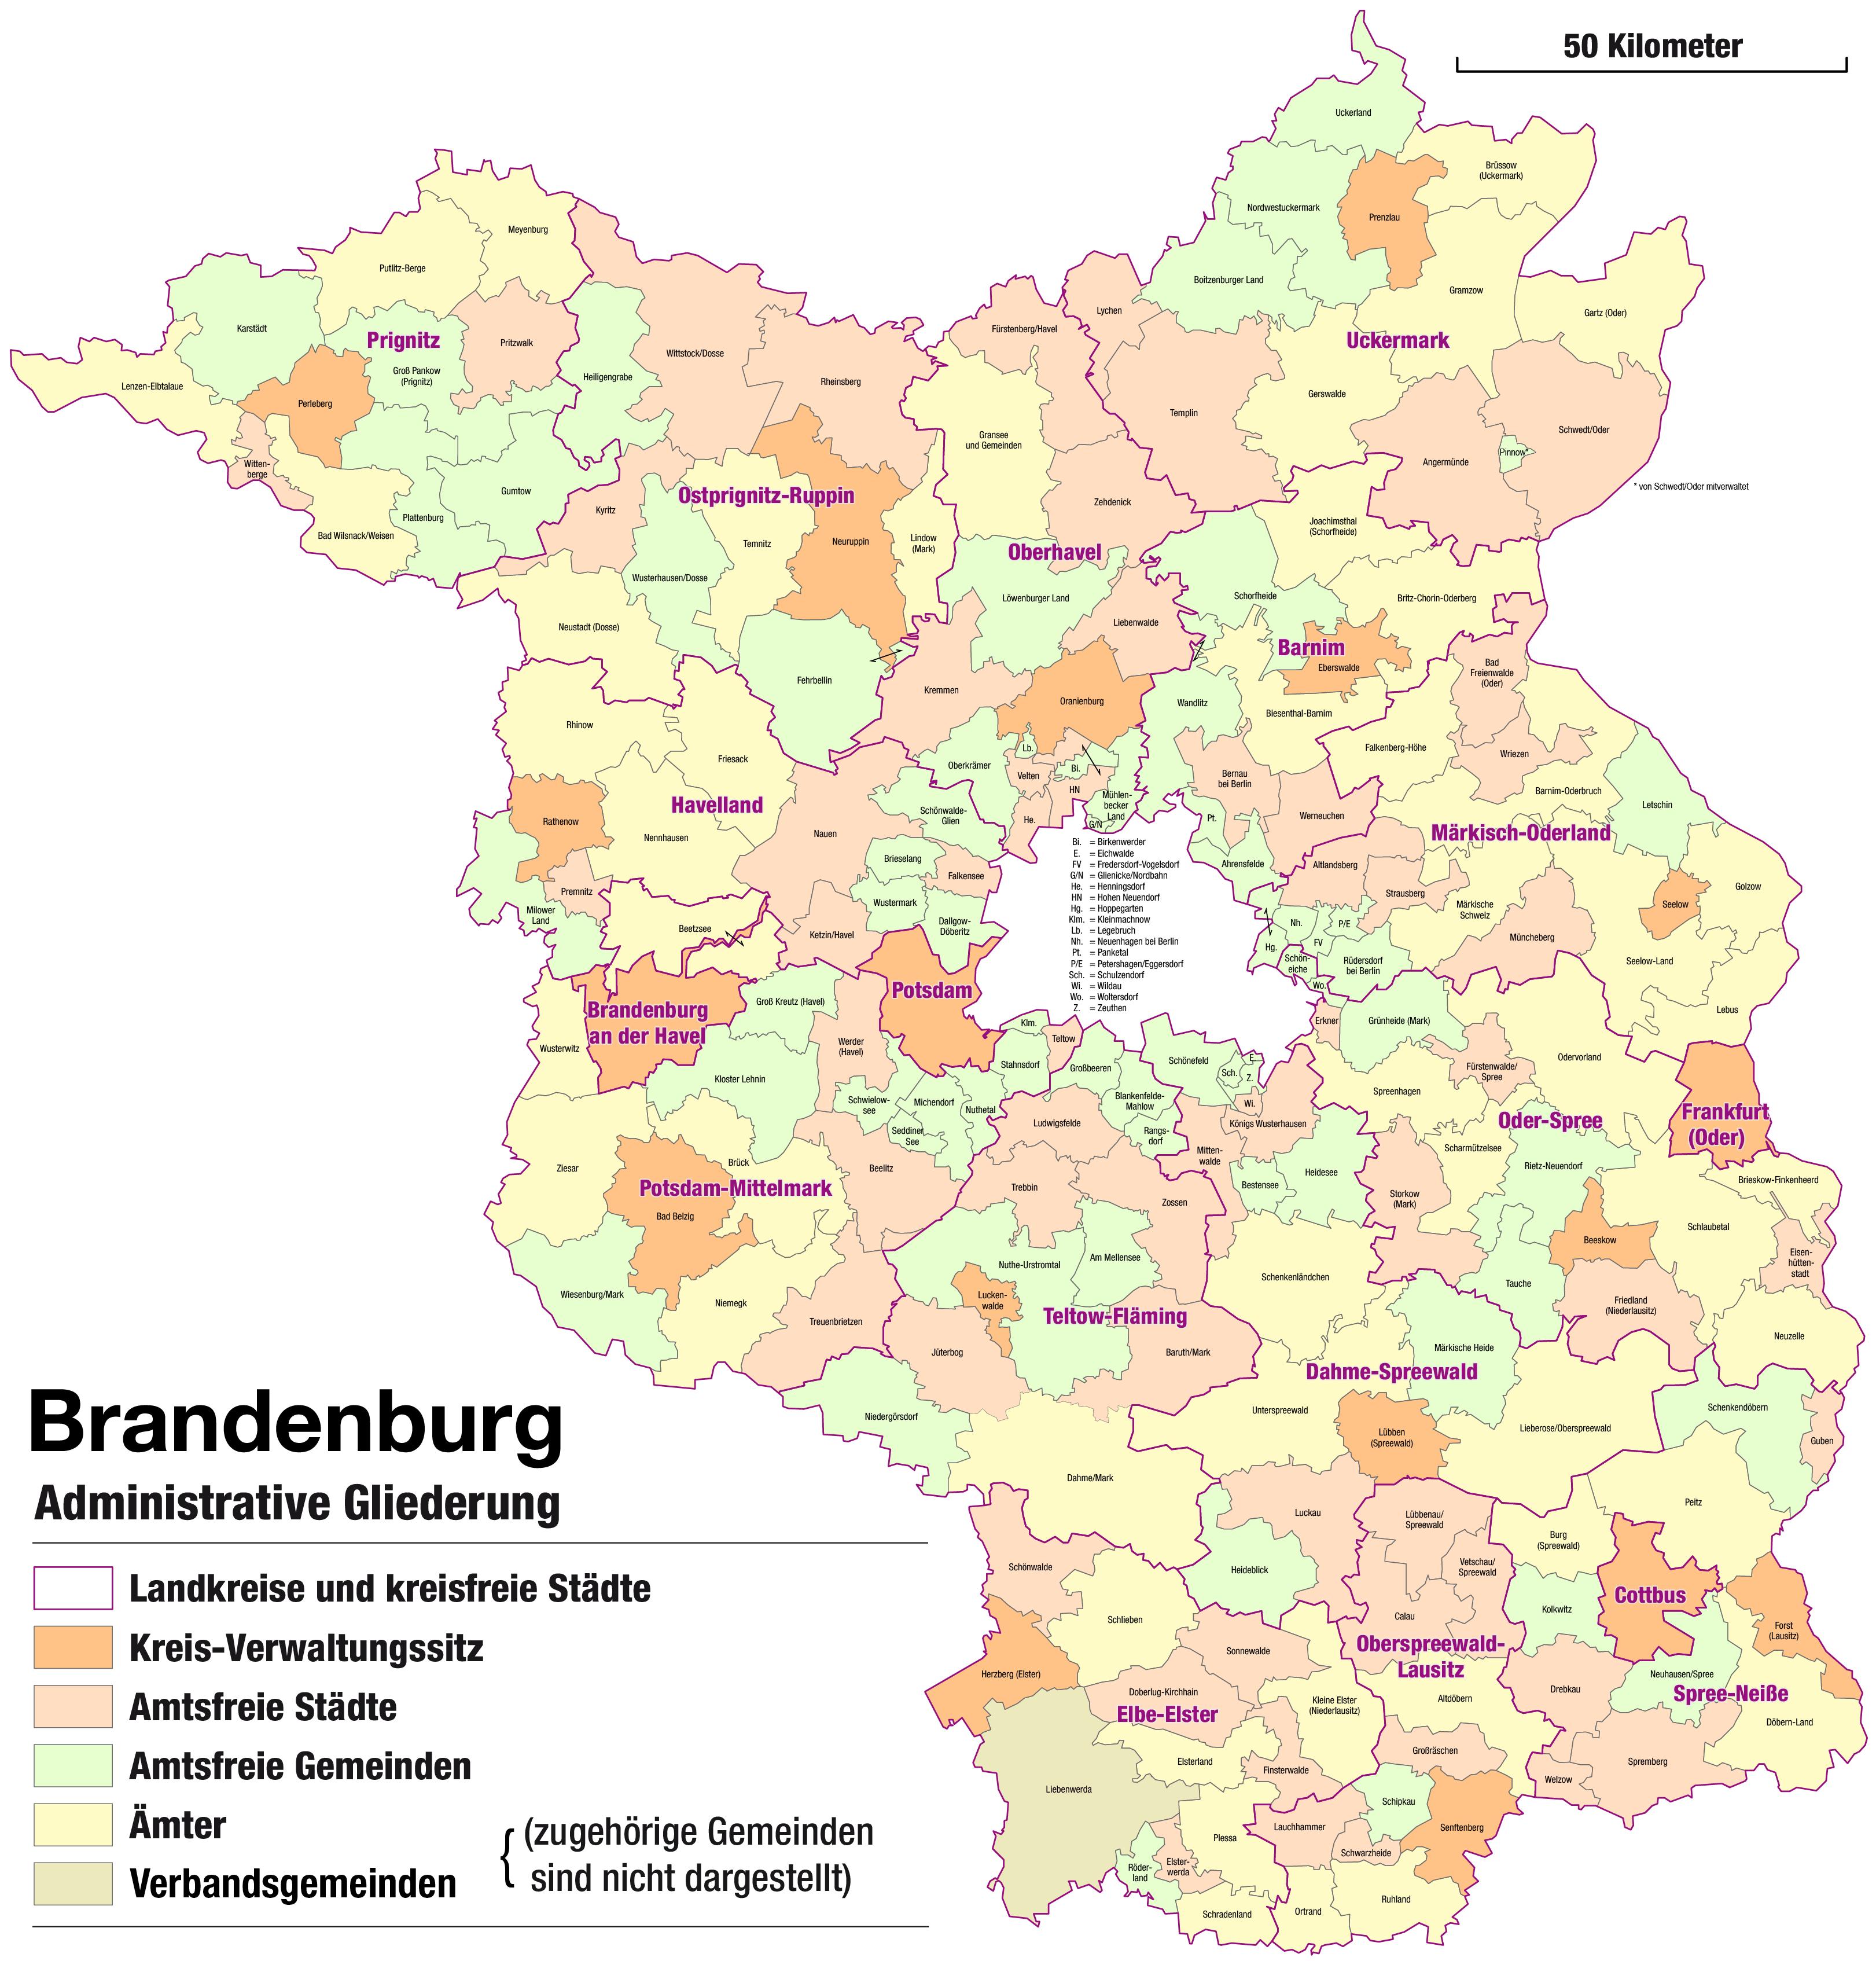 karte brandenburg Datei:Karte der Ämter in Brandenburg.png – Wikipedia